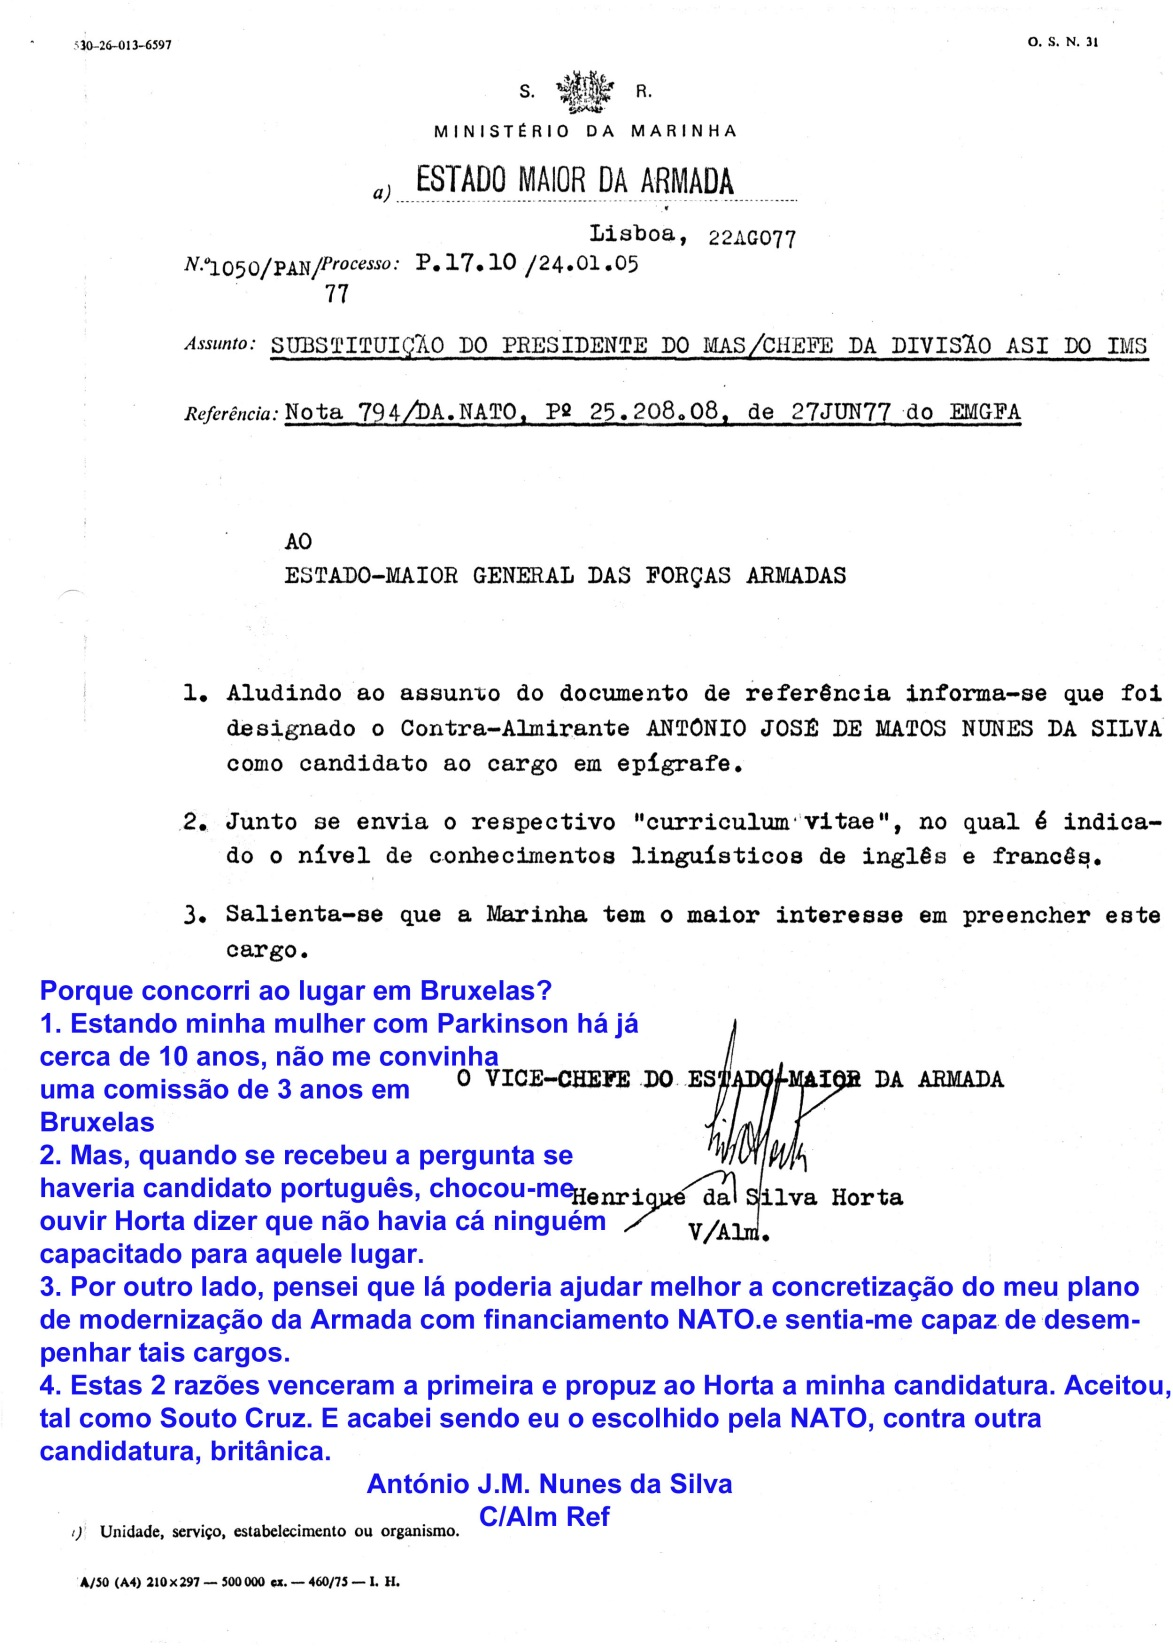 00835 977-08-22 Cargo na NATO - EMA apresenta ao EMGFA minha candidatura aos cargos NATO -Nota 1050 de 22-_20101113235512451